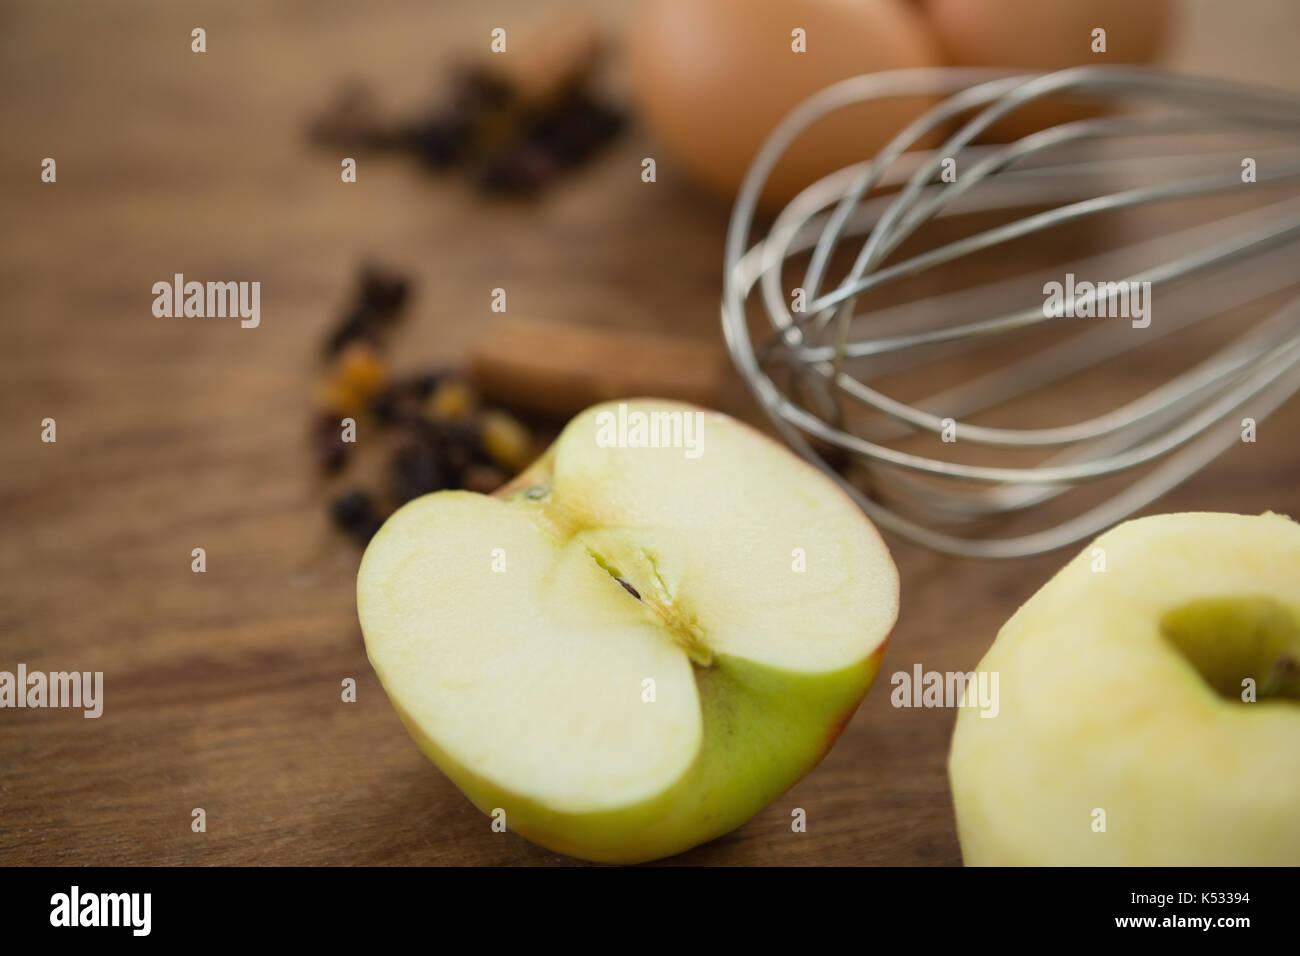 Close up de fouet par des oeufs Granny Smith apple on table Photo Stock